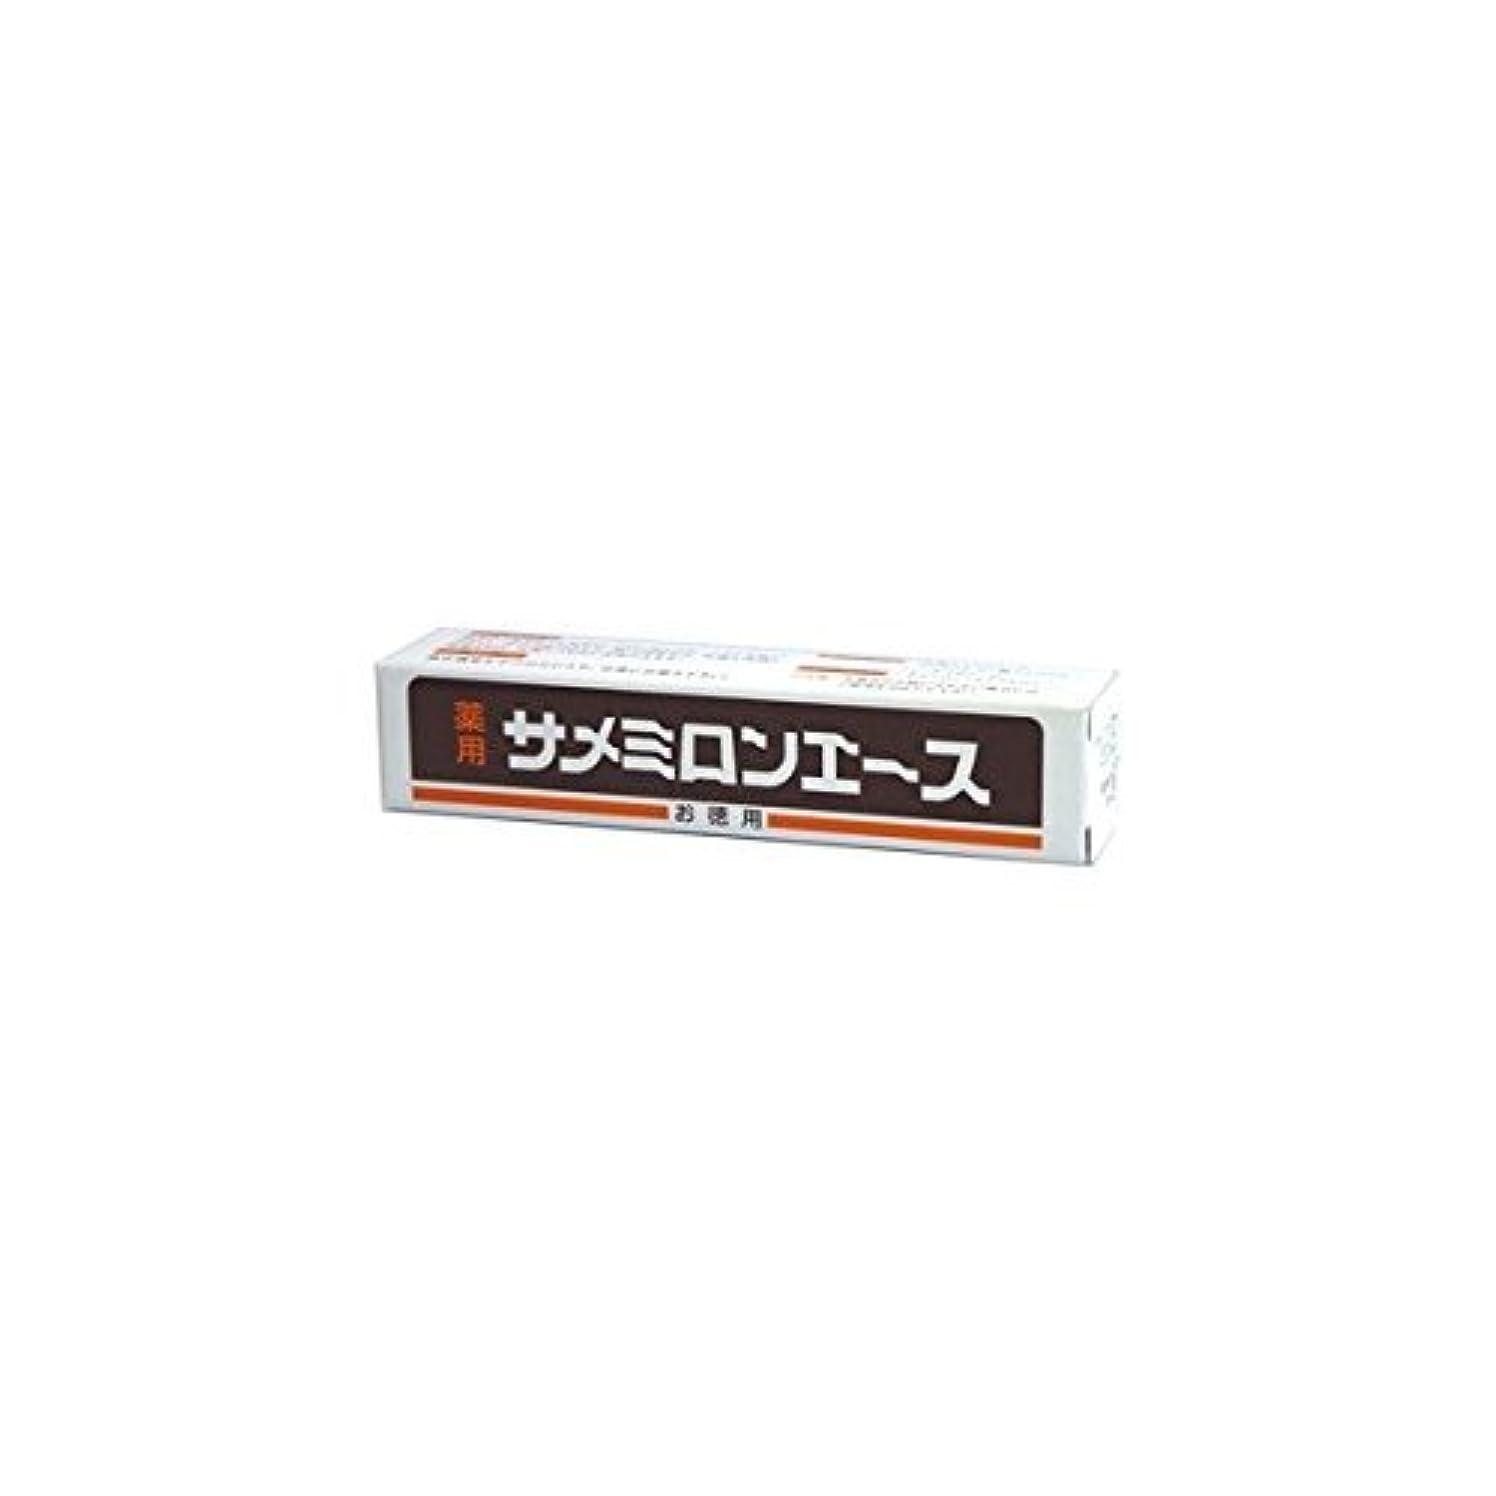 家具マネージャー日食薬用 サメミロンエース 20ml入り 2個 スクアレン配合